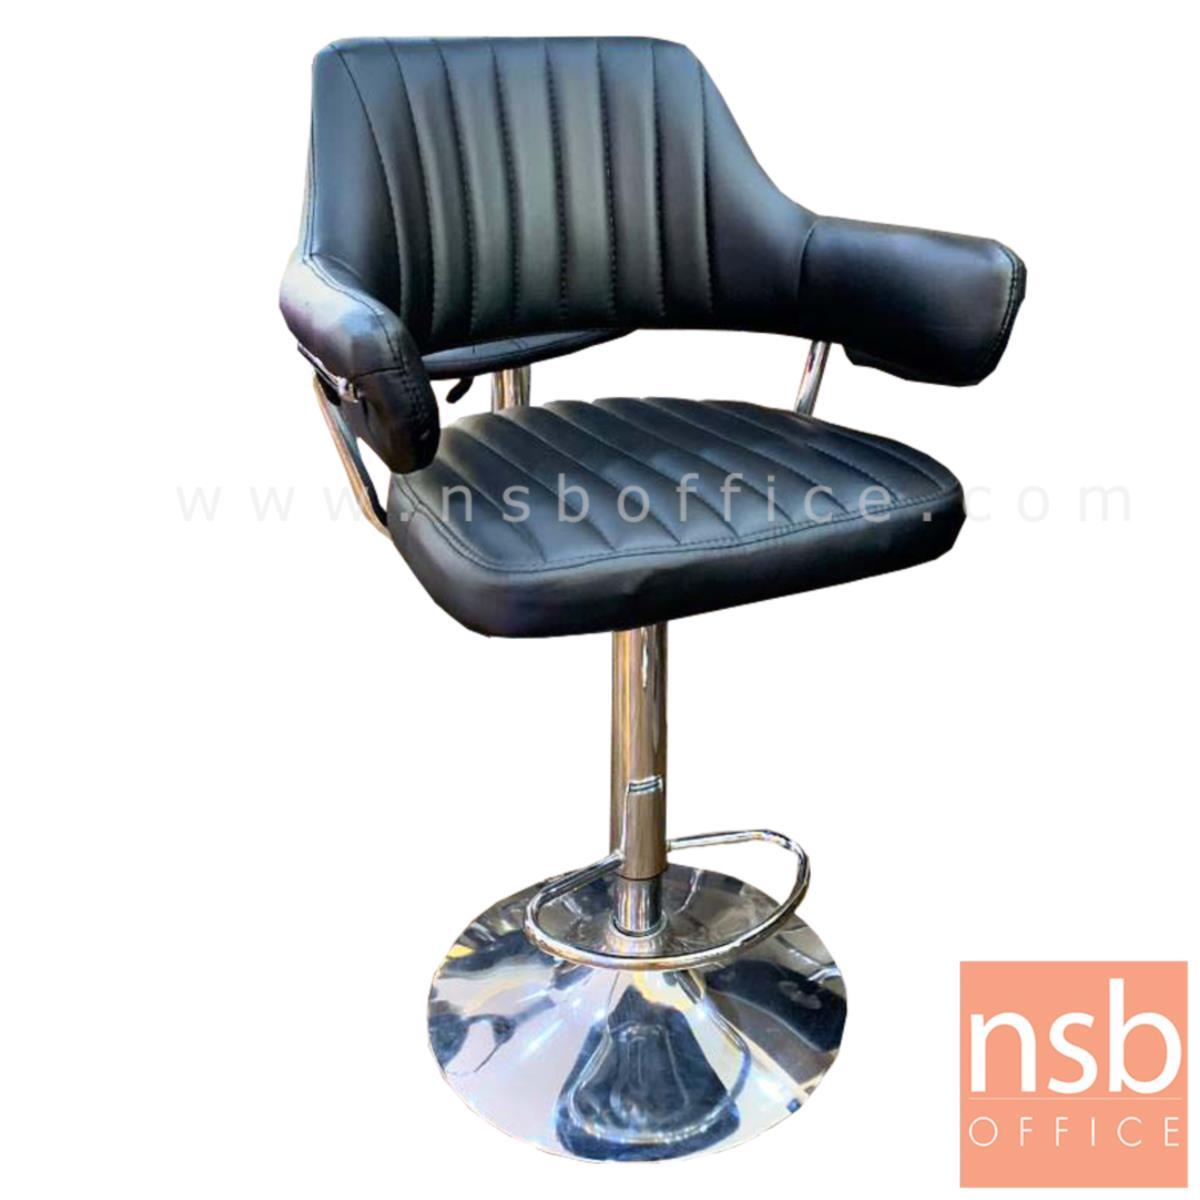 B02A077:เก้าอี้บาร์สูงหนังเทียม รุ่น Erebor (เอเรบอร์) ขนาด 59W cm. โช๊คแก๊ส ขาโครเมี่ยมฐานจานกลม